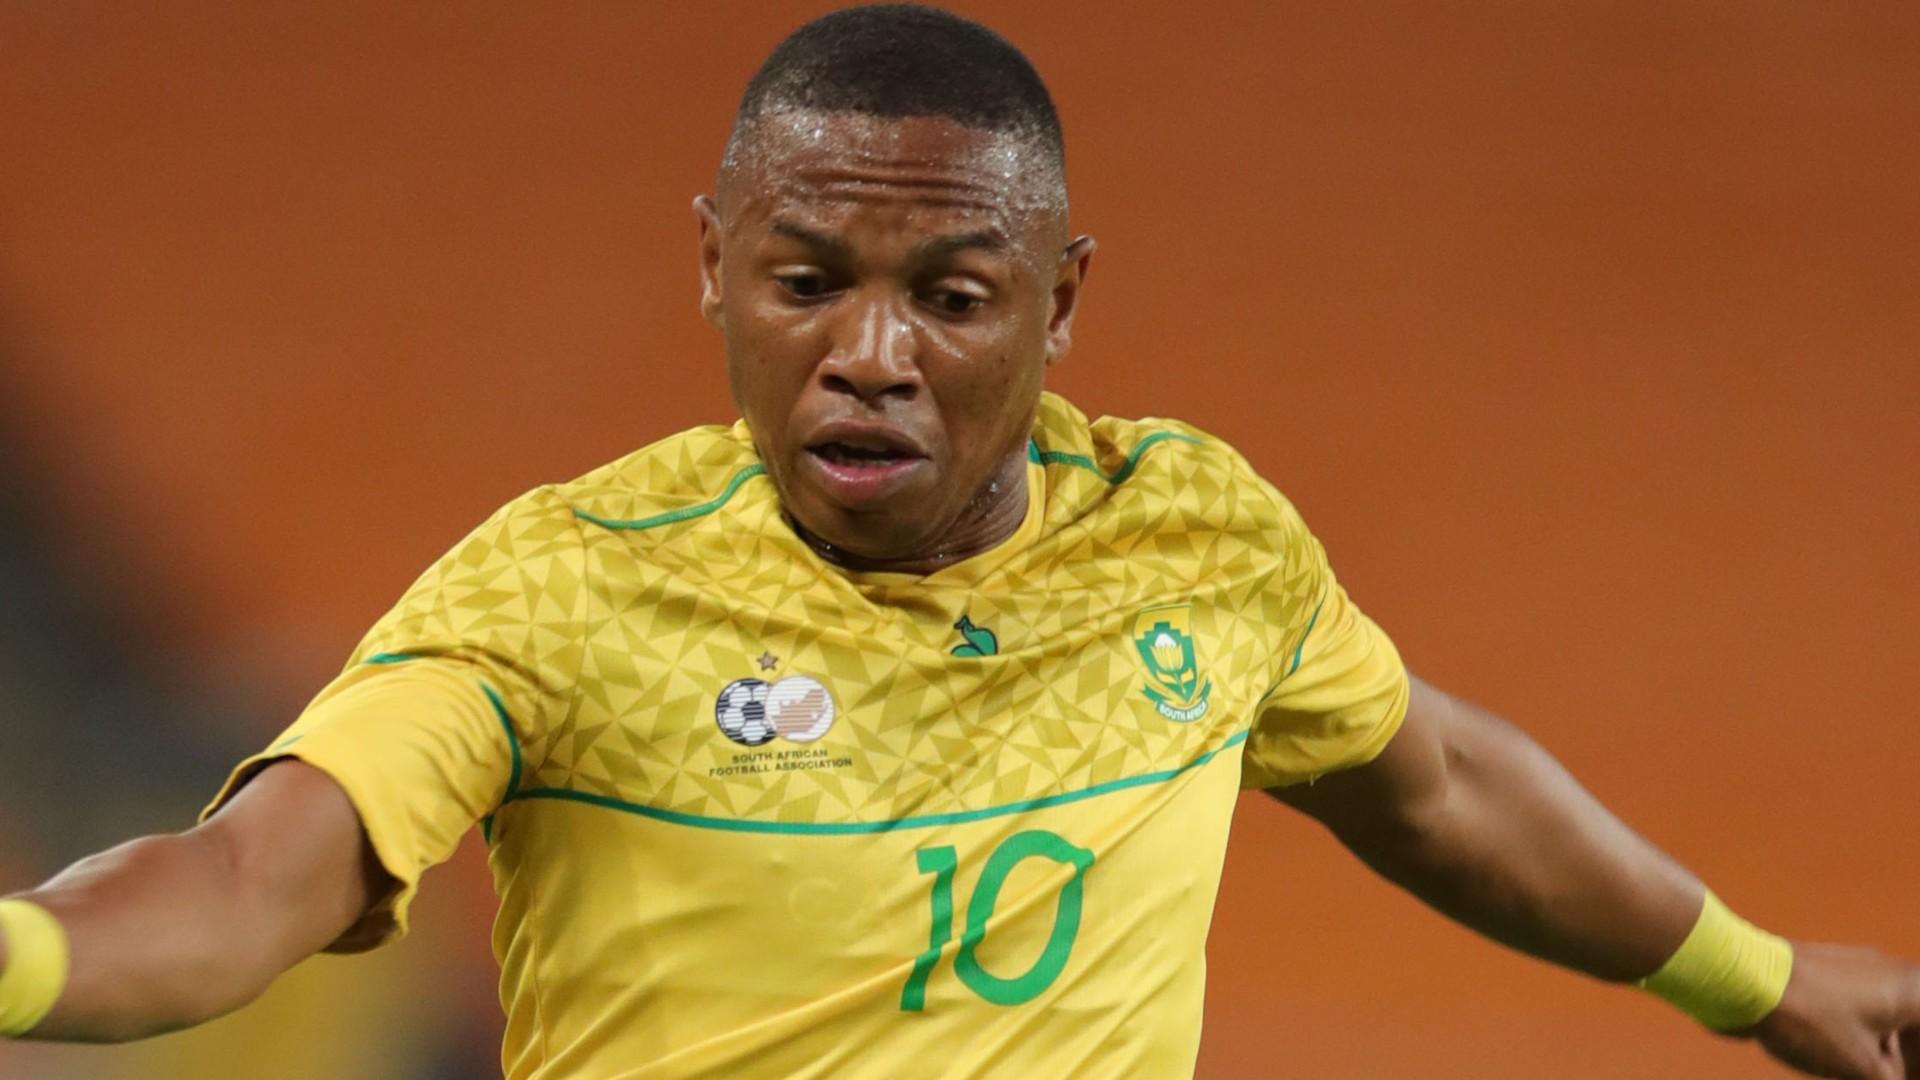 Fan View: Bafana Bafana need Andile Jali's experience